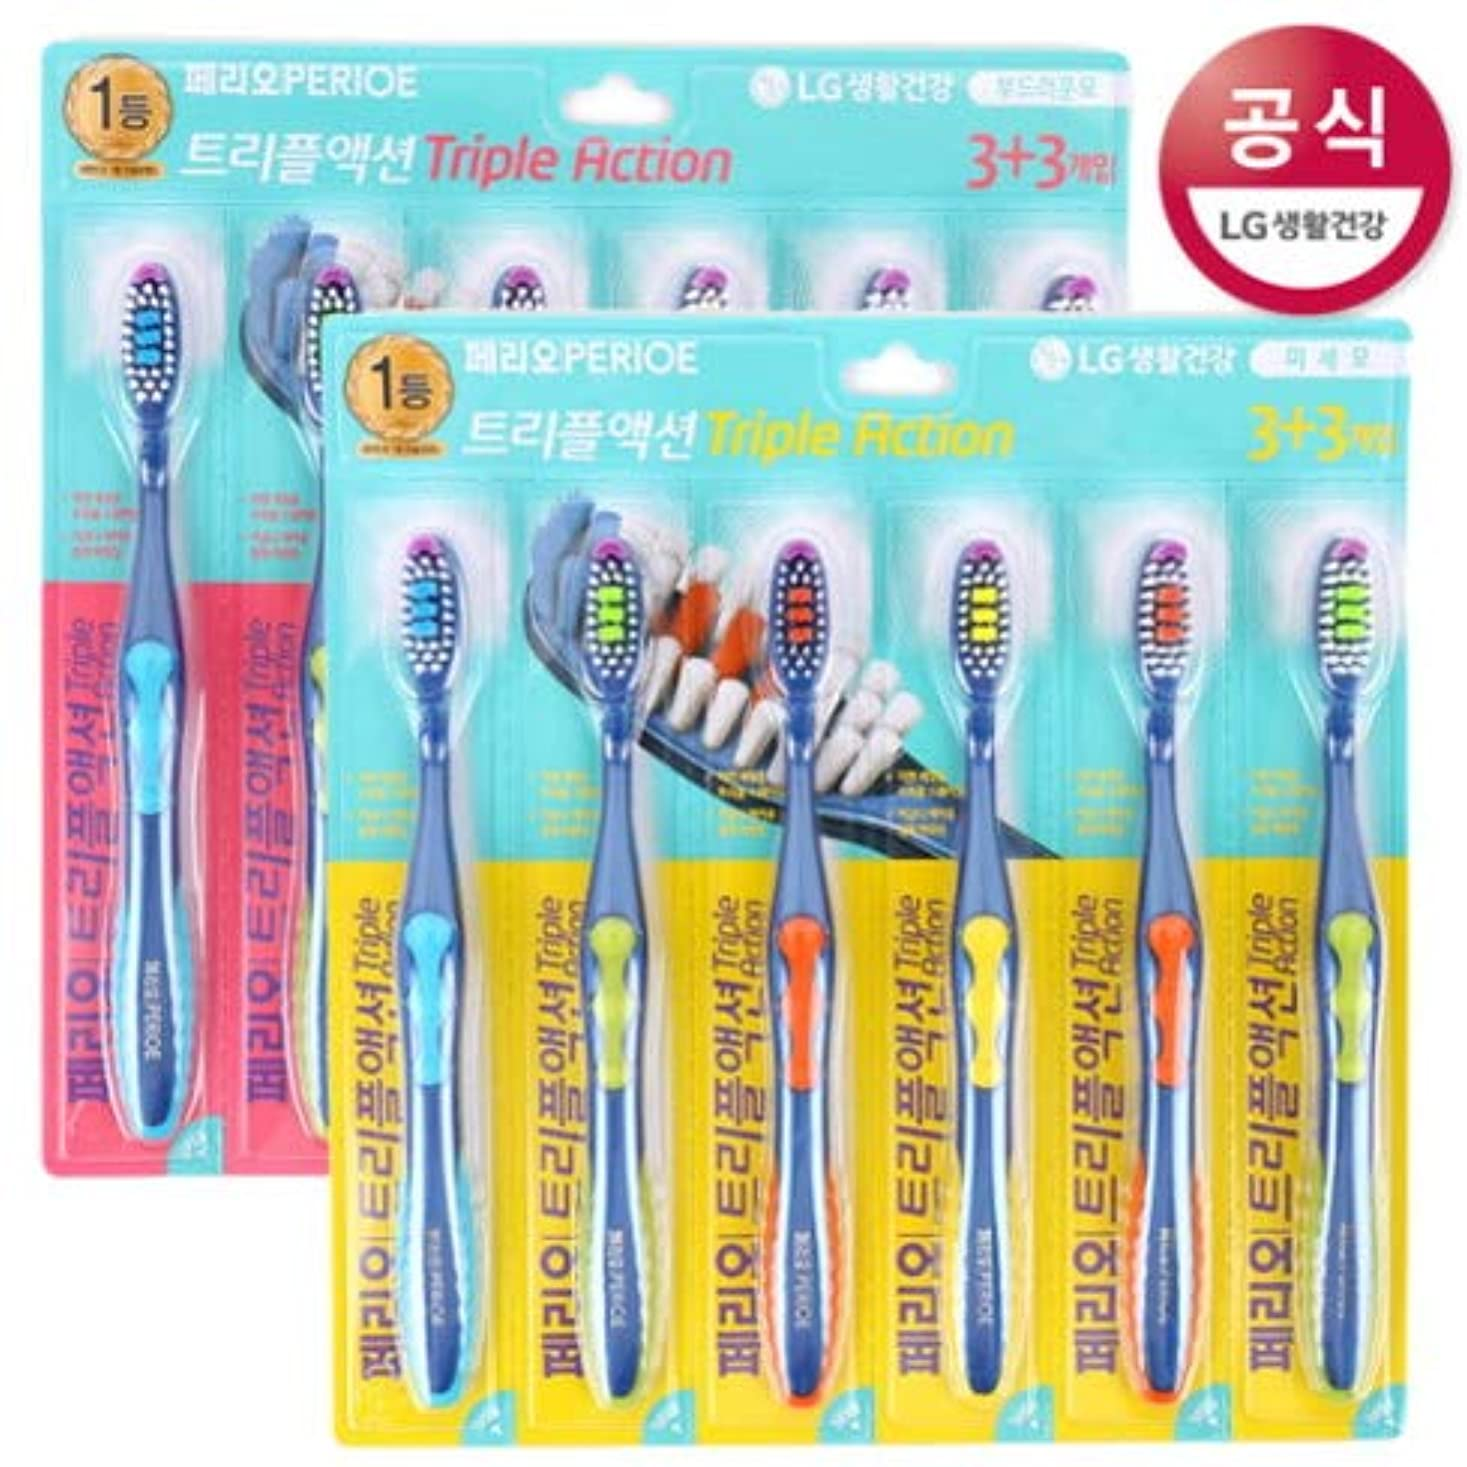 吸収行政抜本的な[LG HnB] Perio Triple Action Toothbrush/ペリオトリプルアクション歯ブラシ 6口x2個(海外直送品)